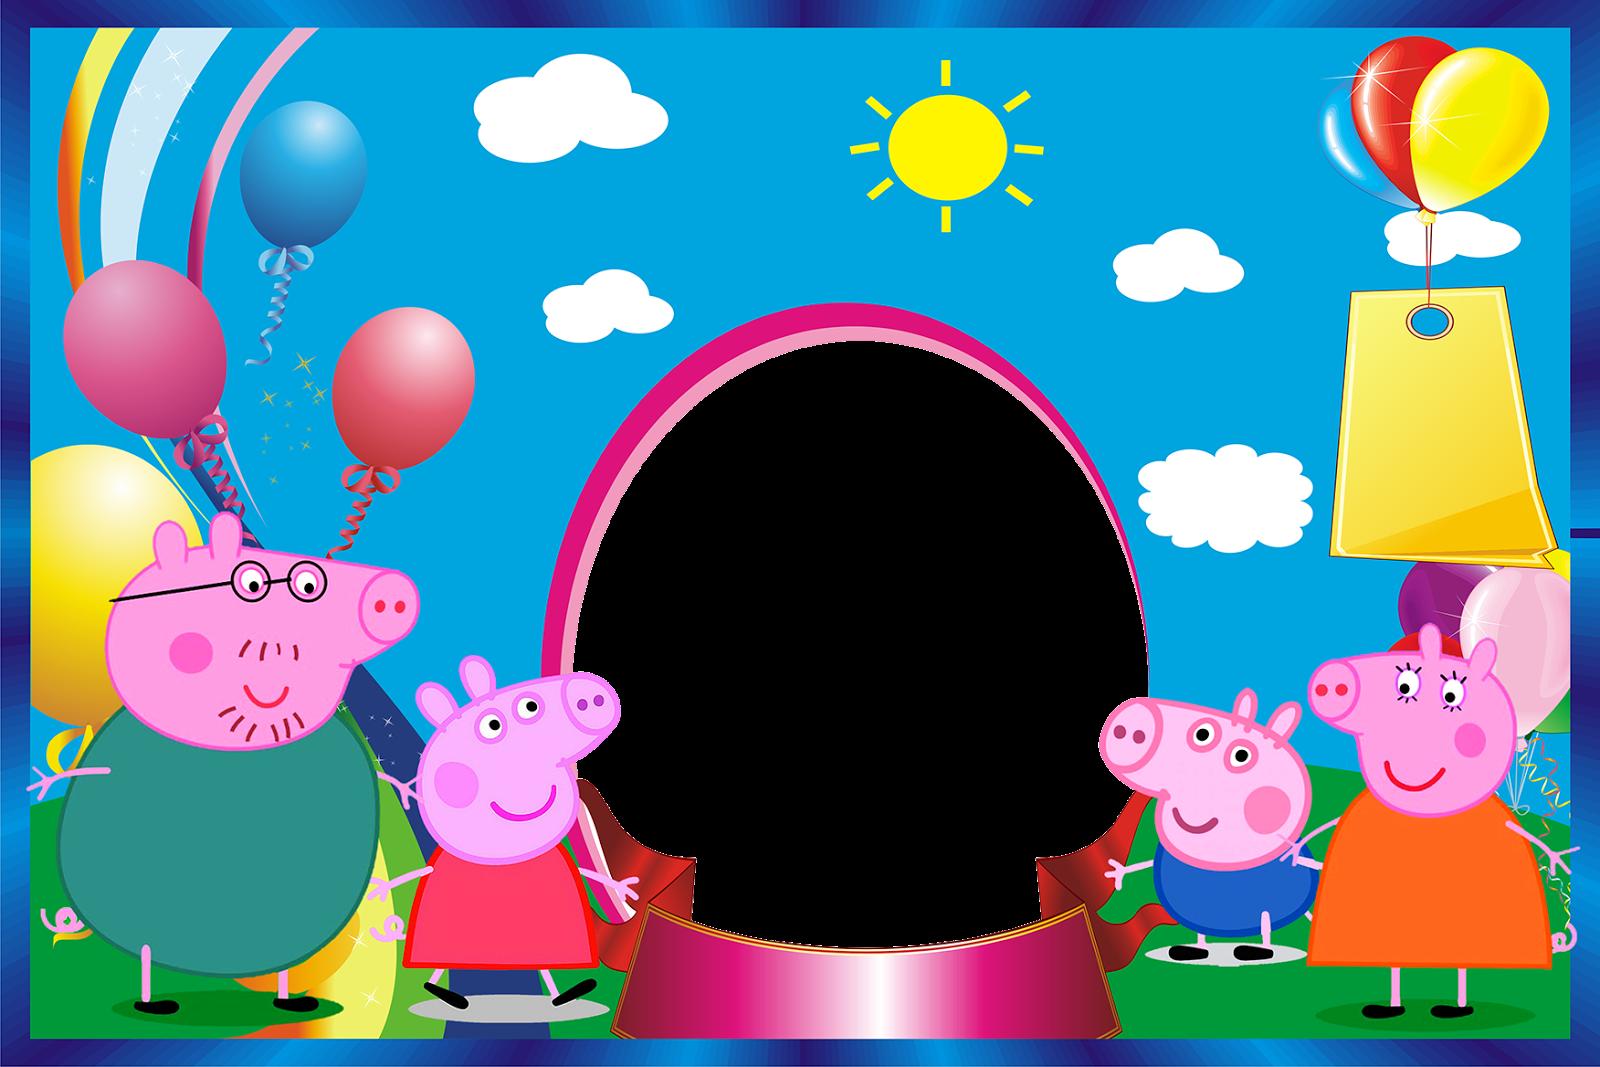 Pepa pig png new calendar template site - Marco de fotos ...